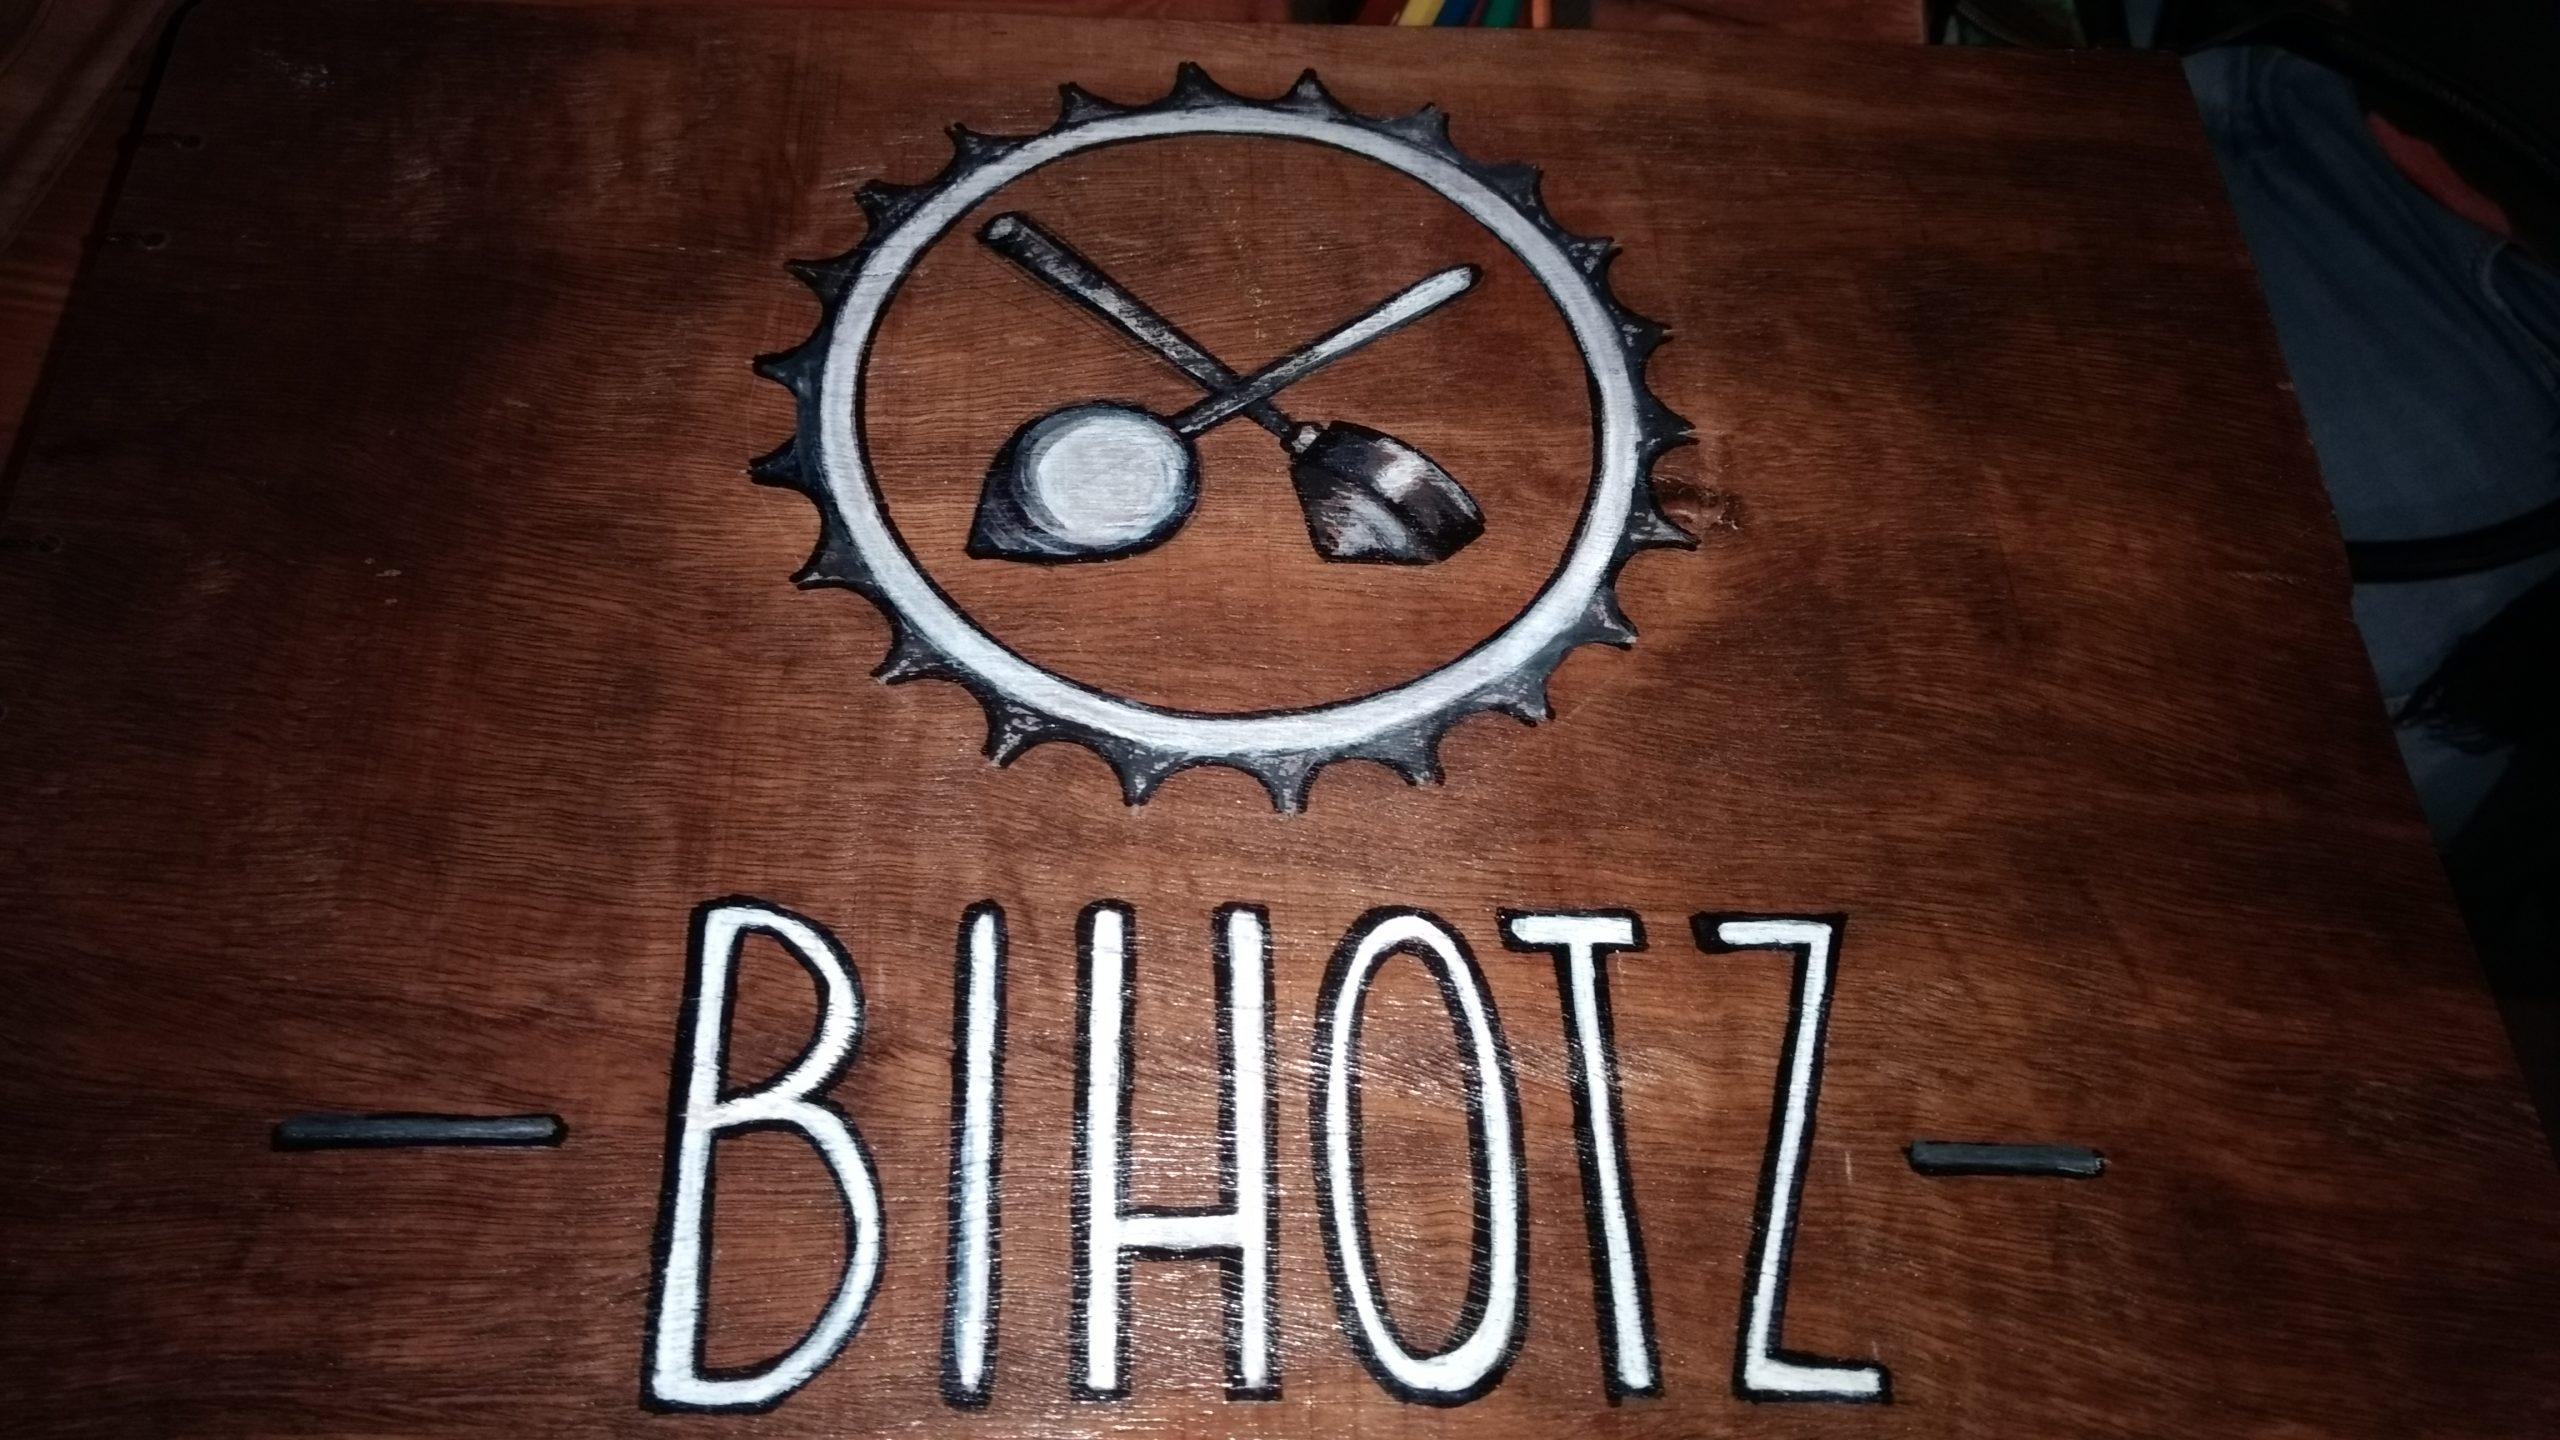 Libro de dibujos del Bihotz Café de Bilbao